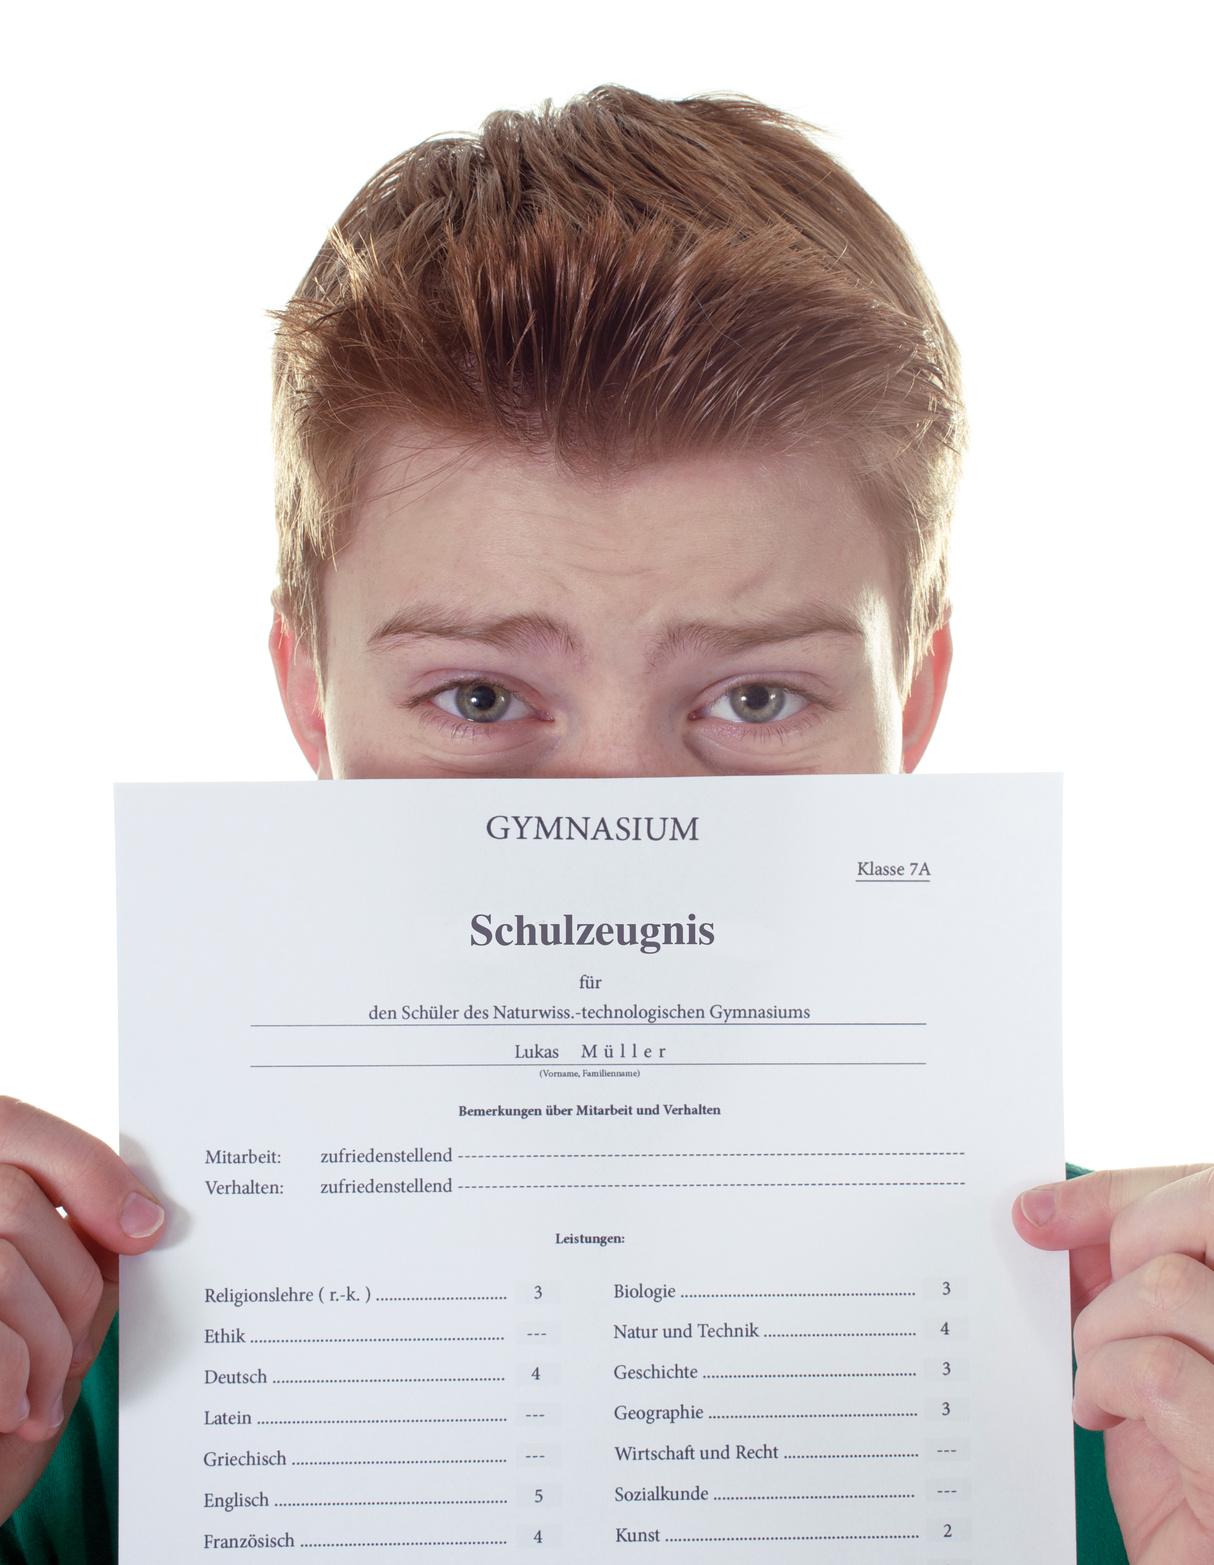 Wegen einer Drei: Junge flieht aus Angst alleine in die Schweiz